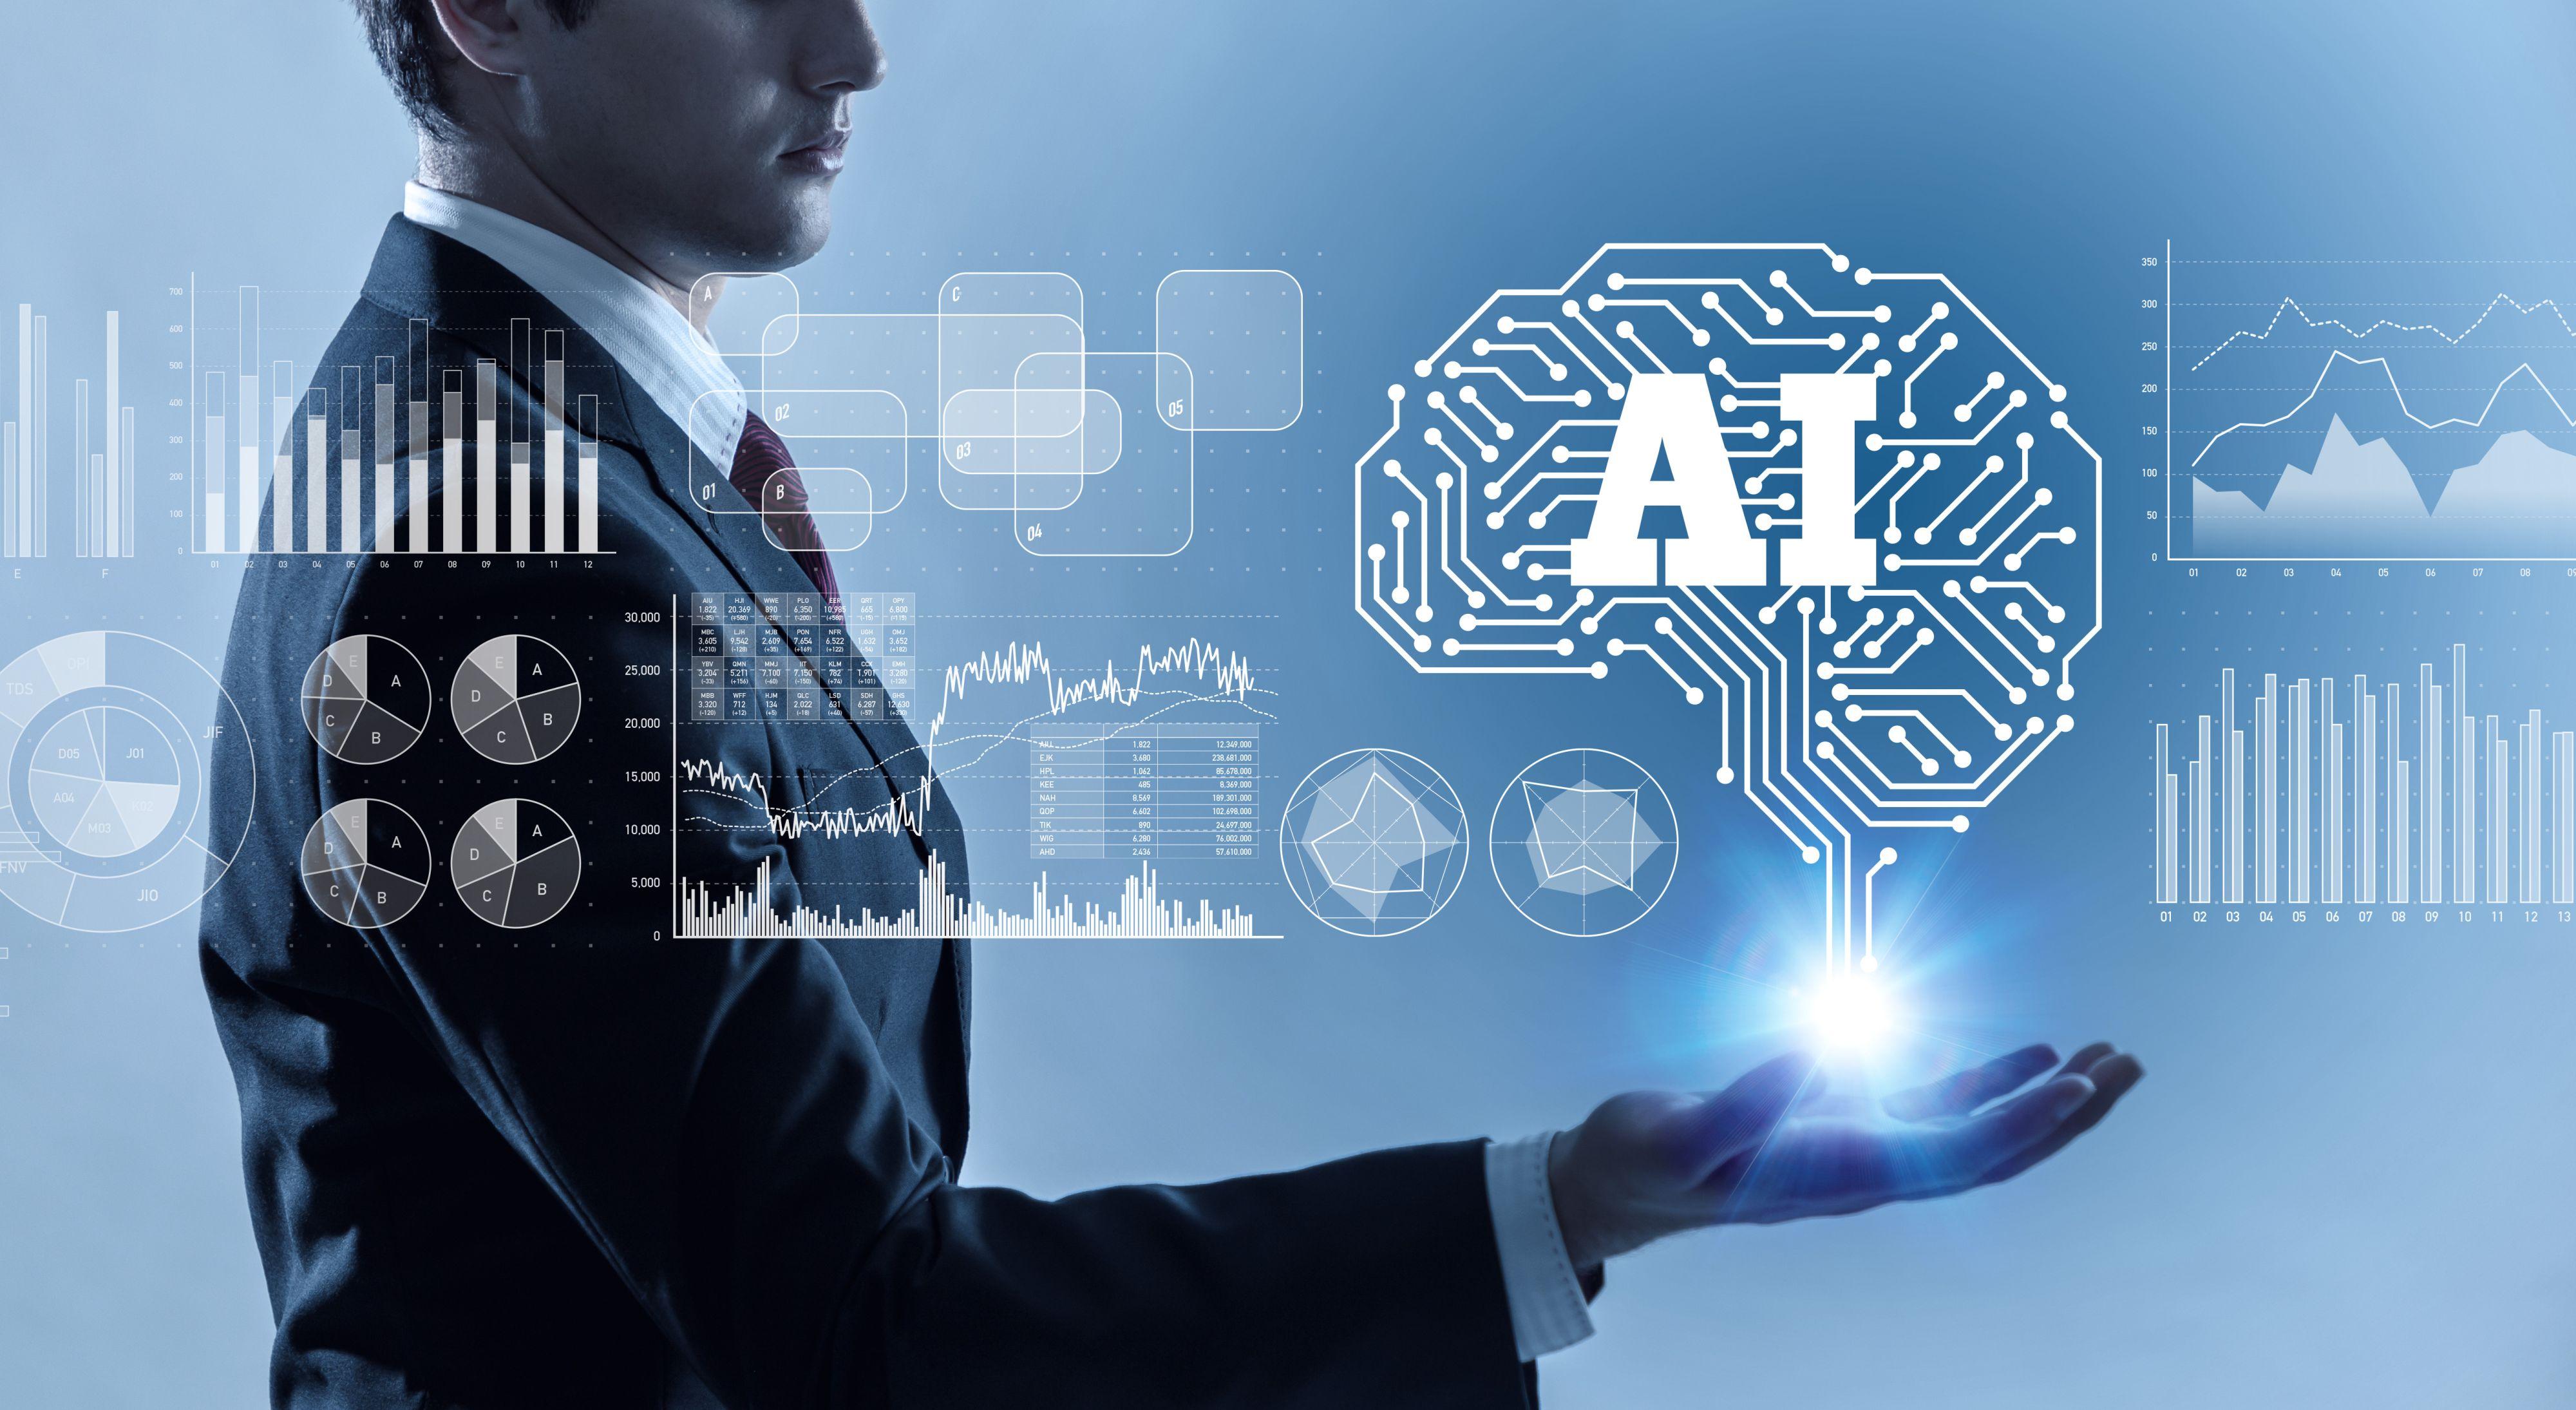 Prawie połowa polskich przedsiębiorstw (46 proc.) ma kompleksową strategię inteligentnej automatyzacji swojego przedsiębiorstwa. (Fot. Shutterstock)